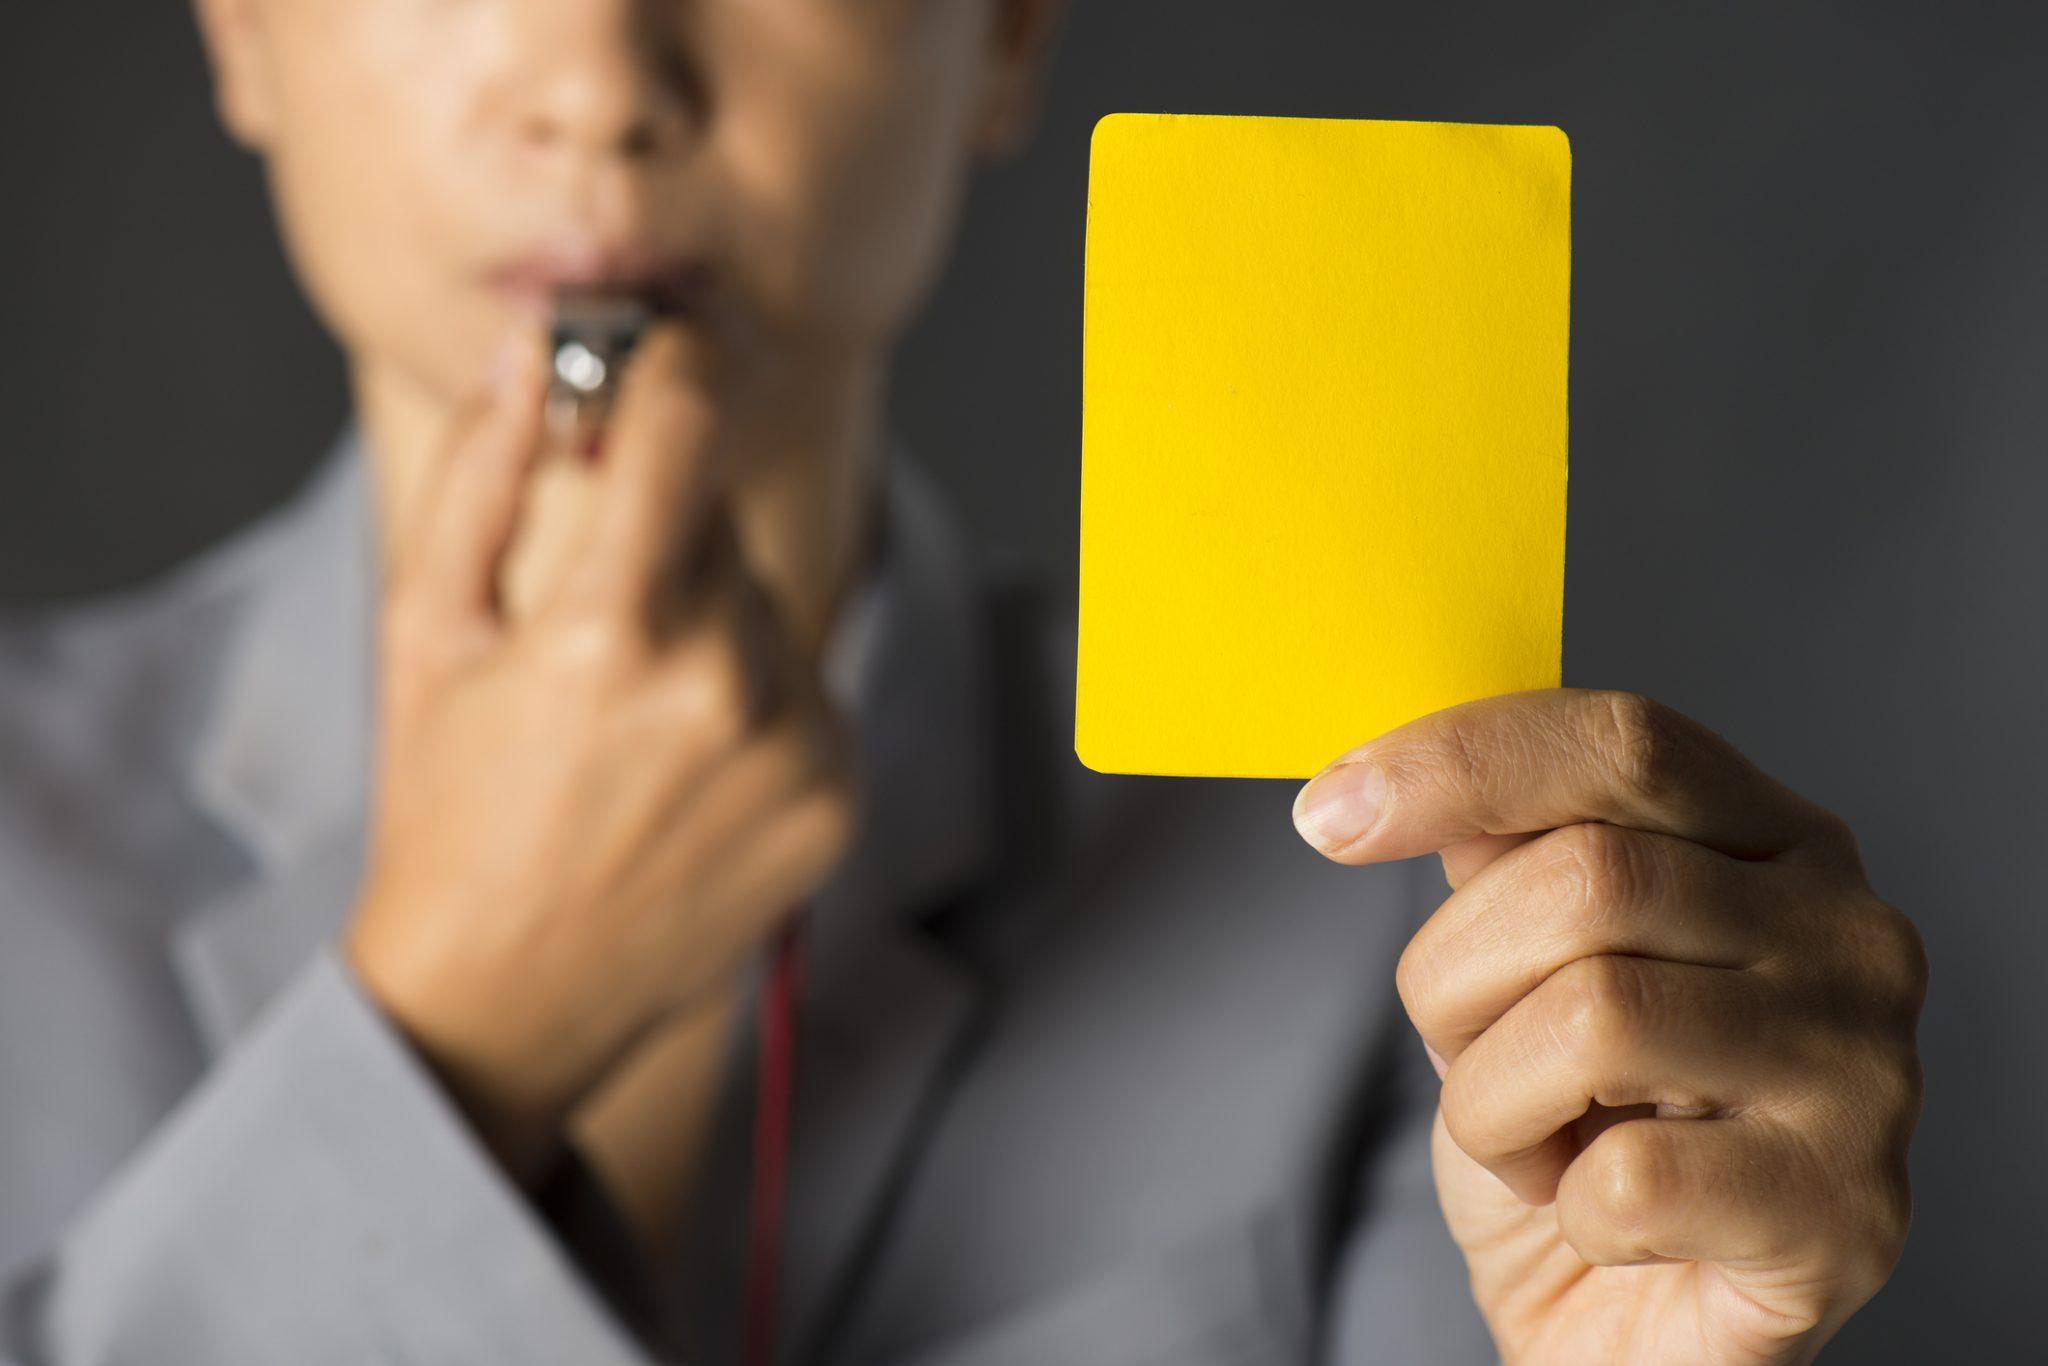 Carton jaune l'AMF banque investissement